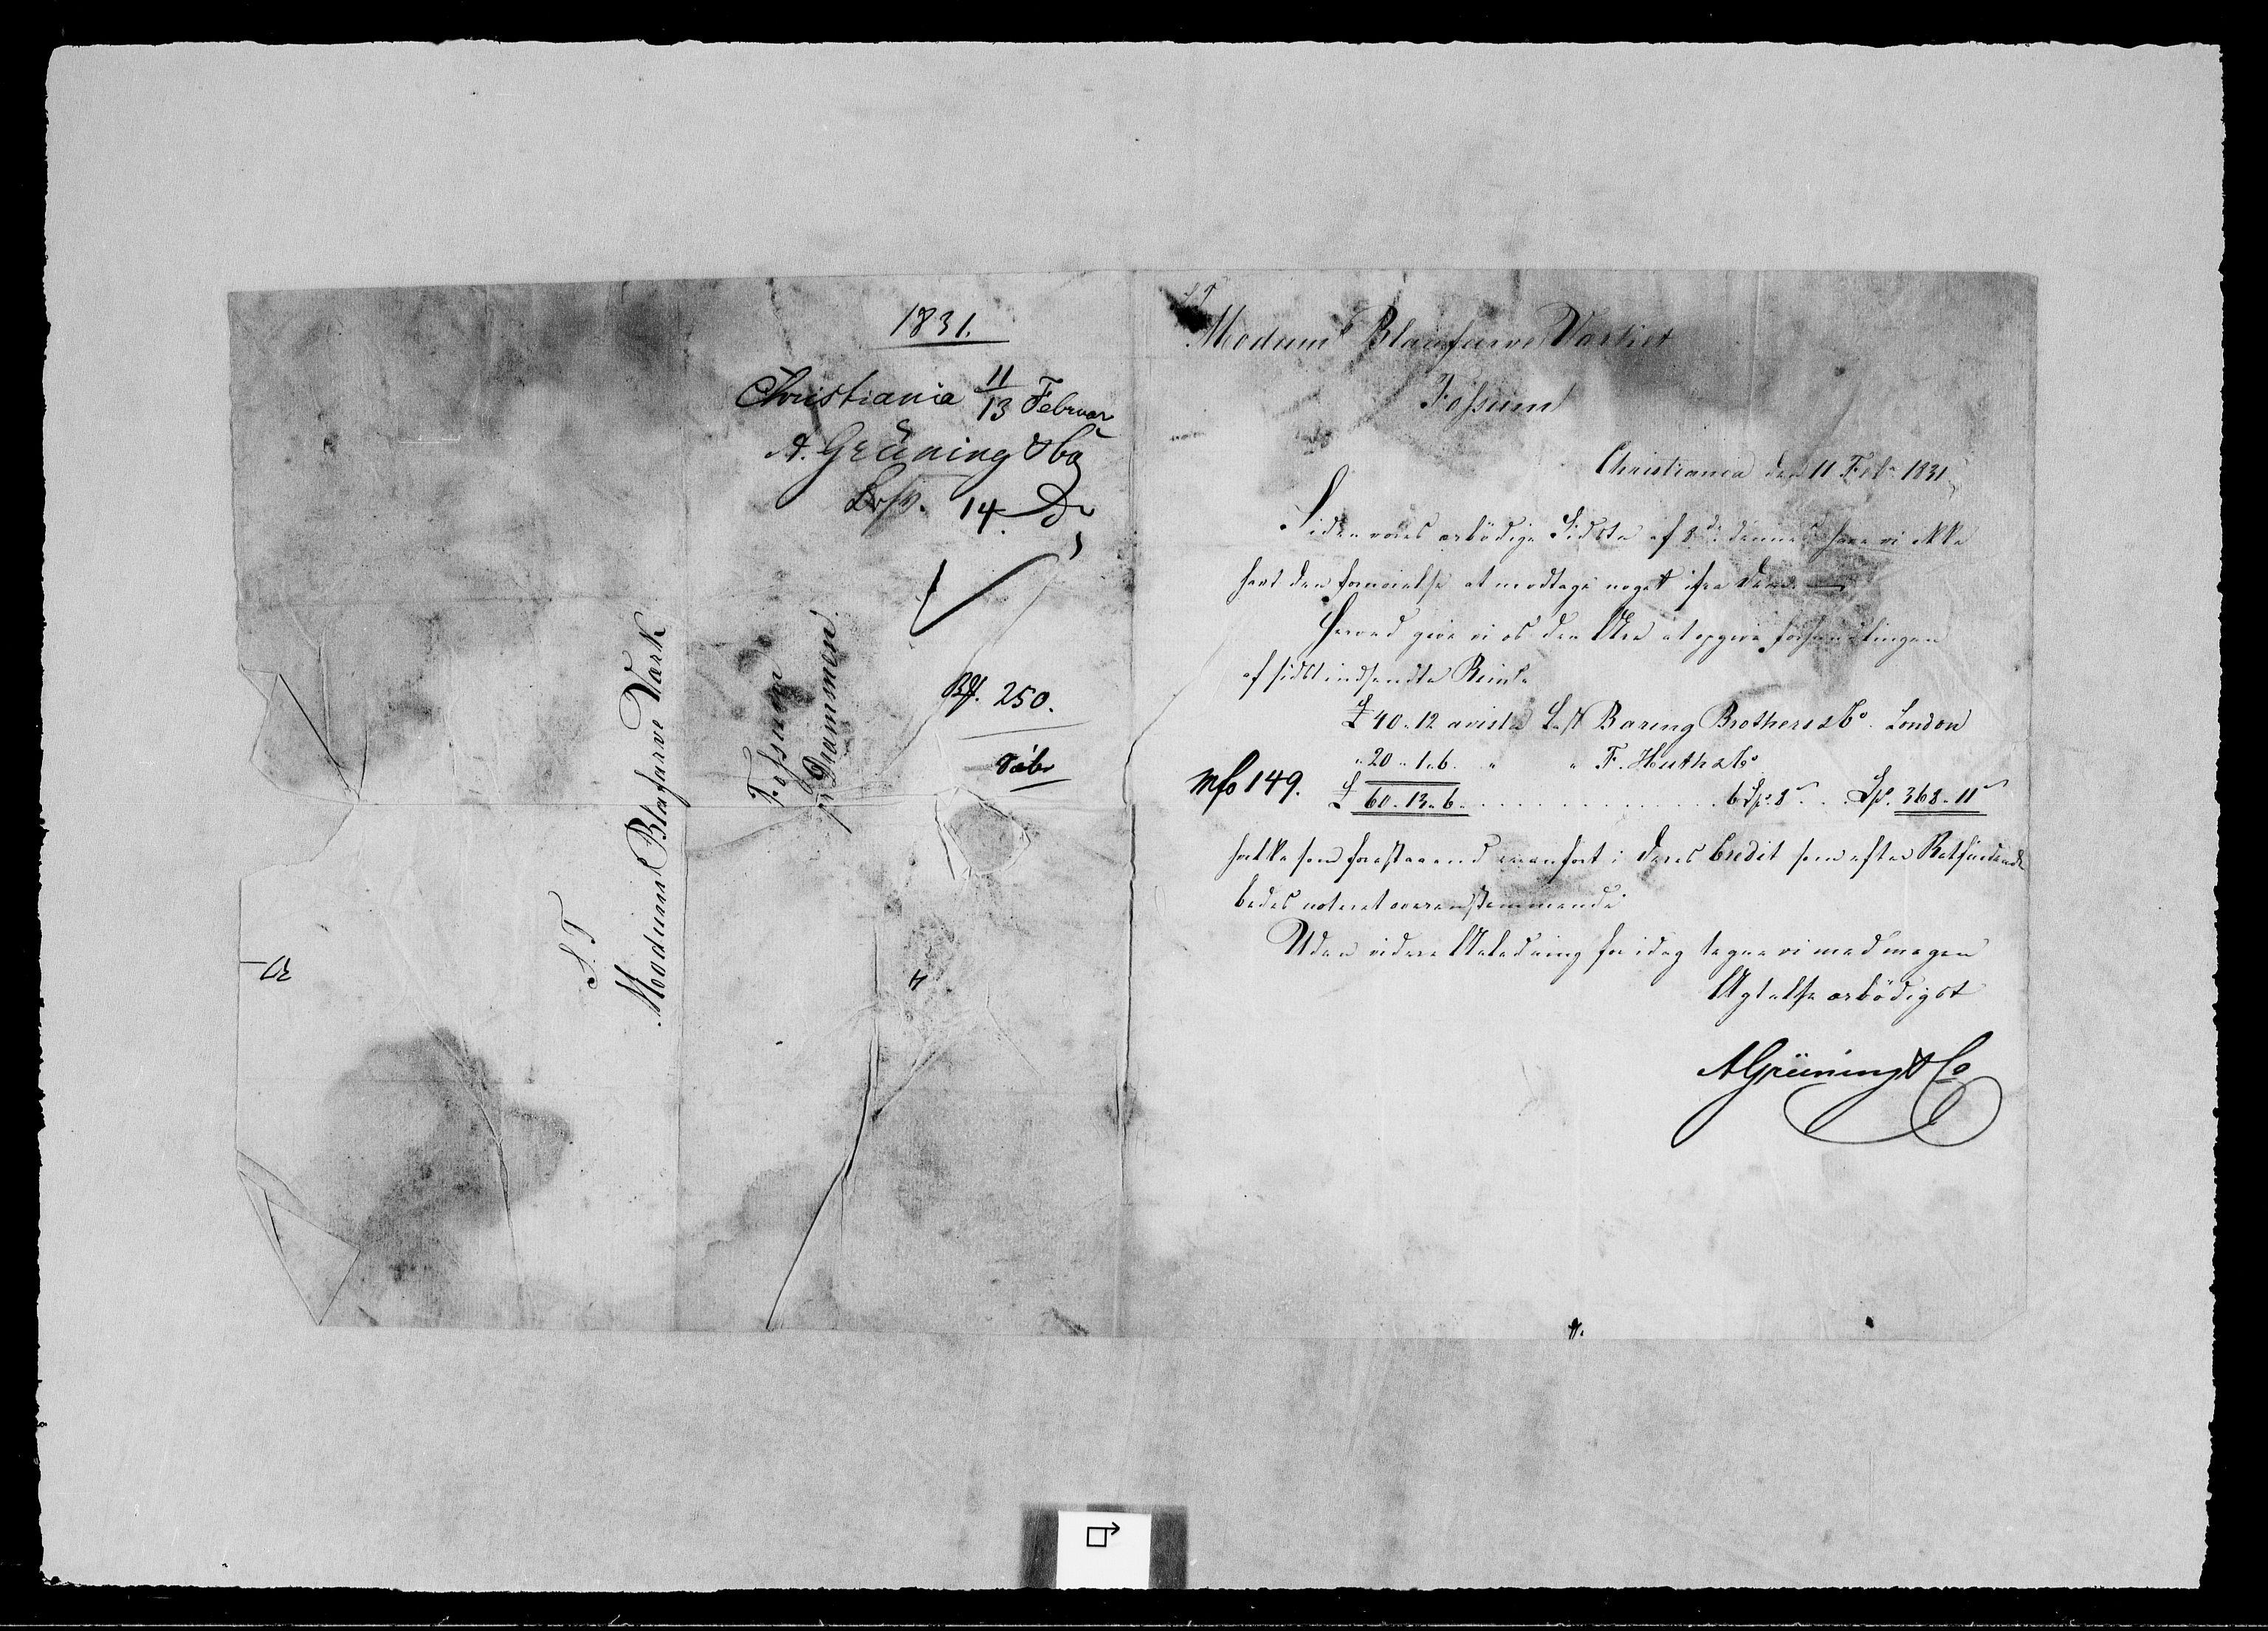 RA, Modums Blaafarveværk, G/Gb/L0105, 1830-1831, s. 2